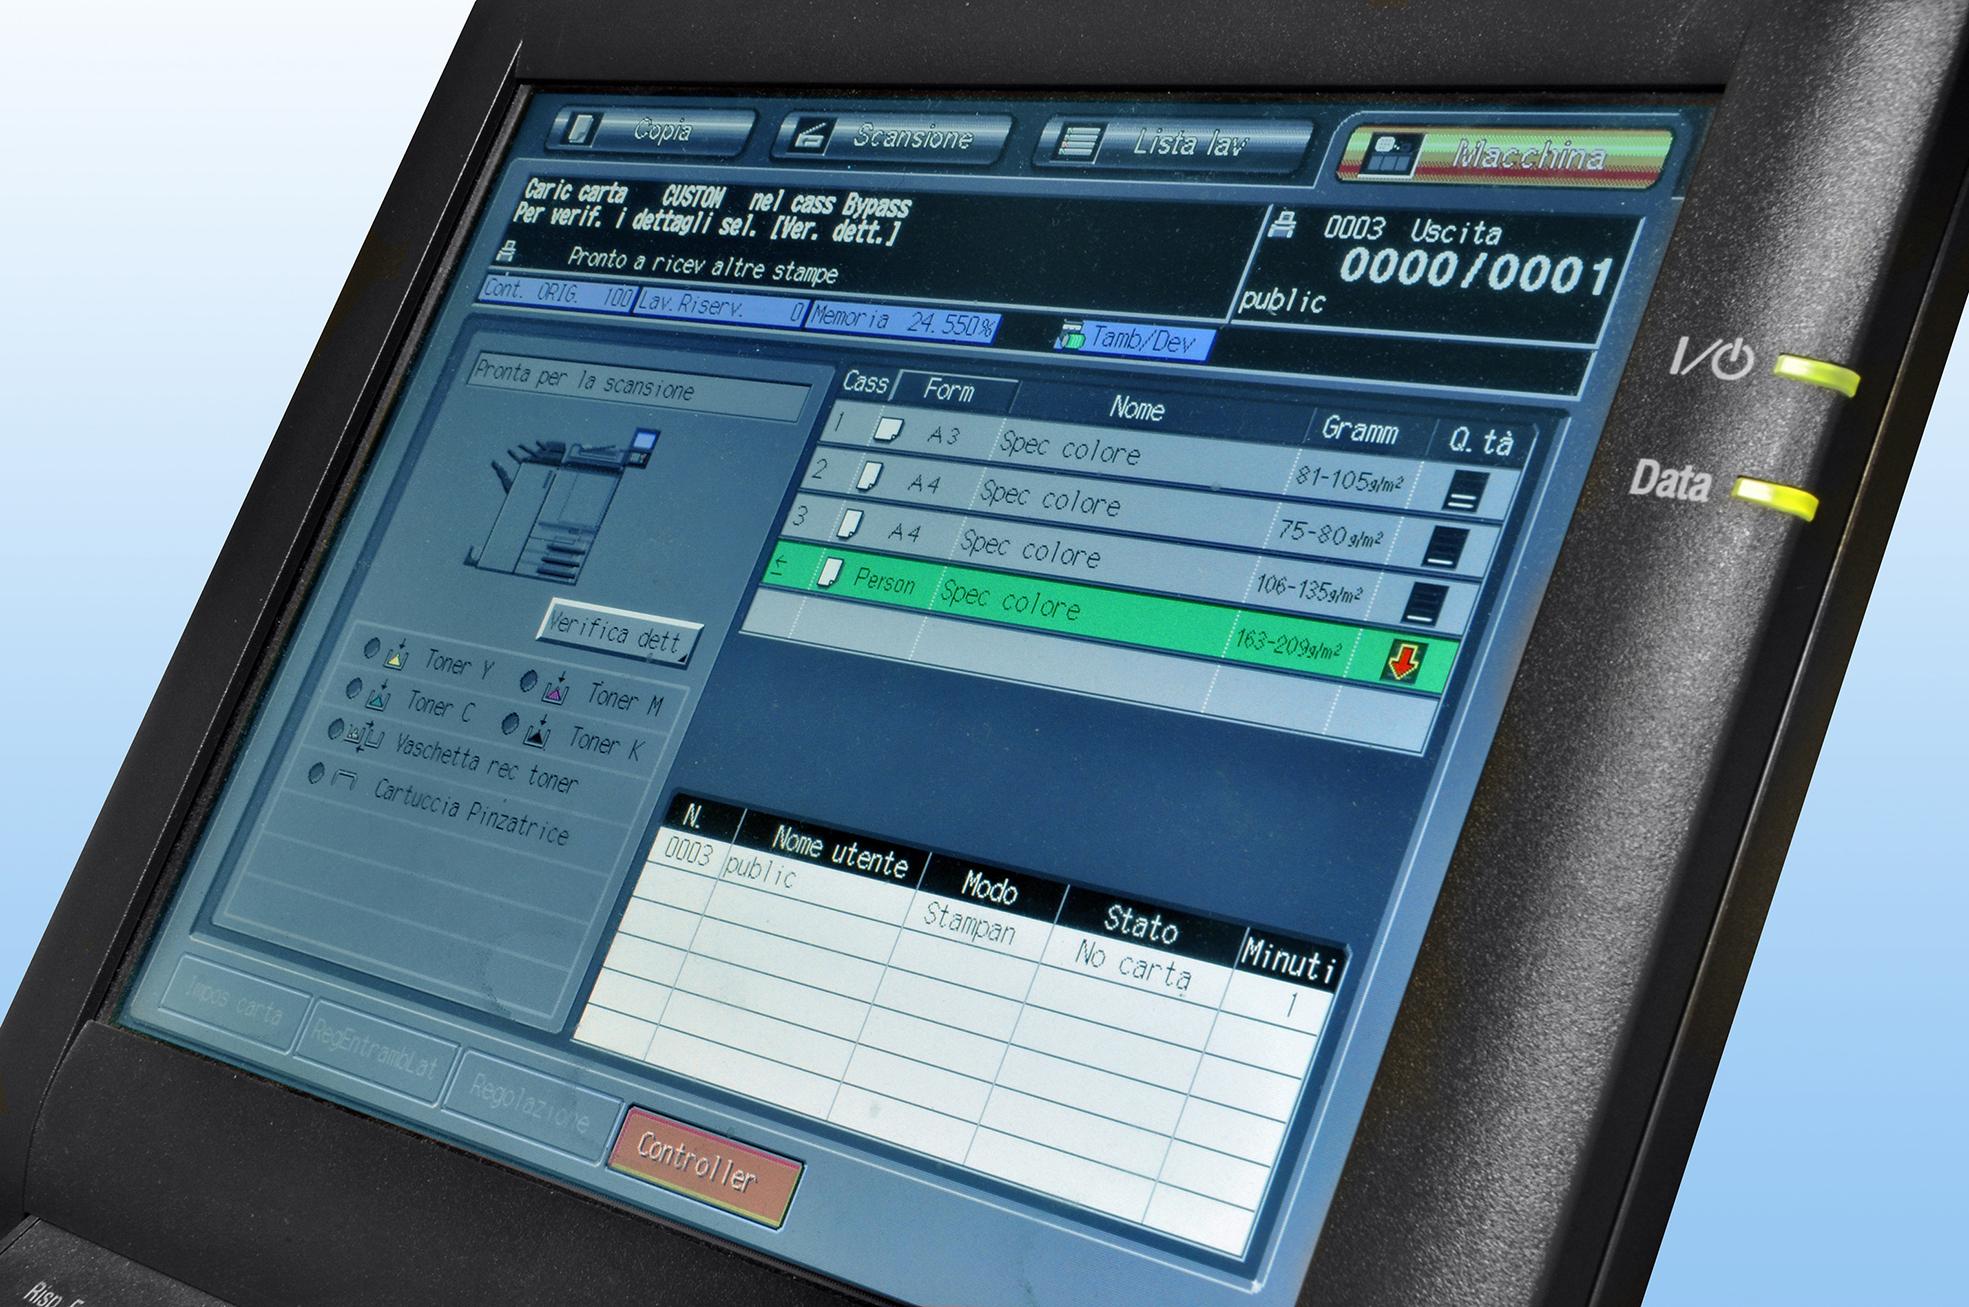 stampati offset e stampati con stampa digitale